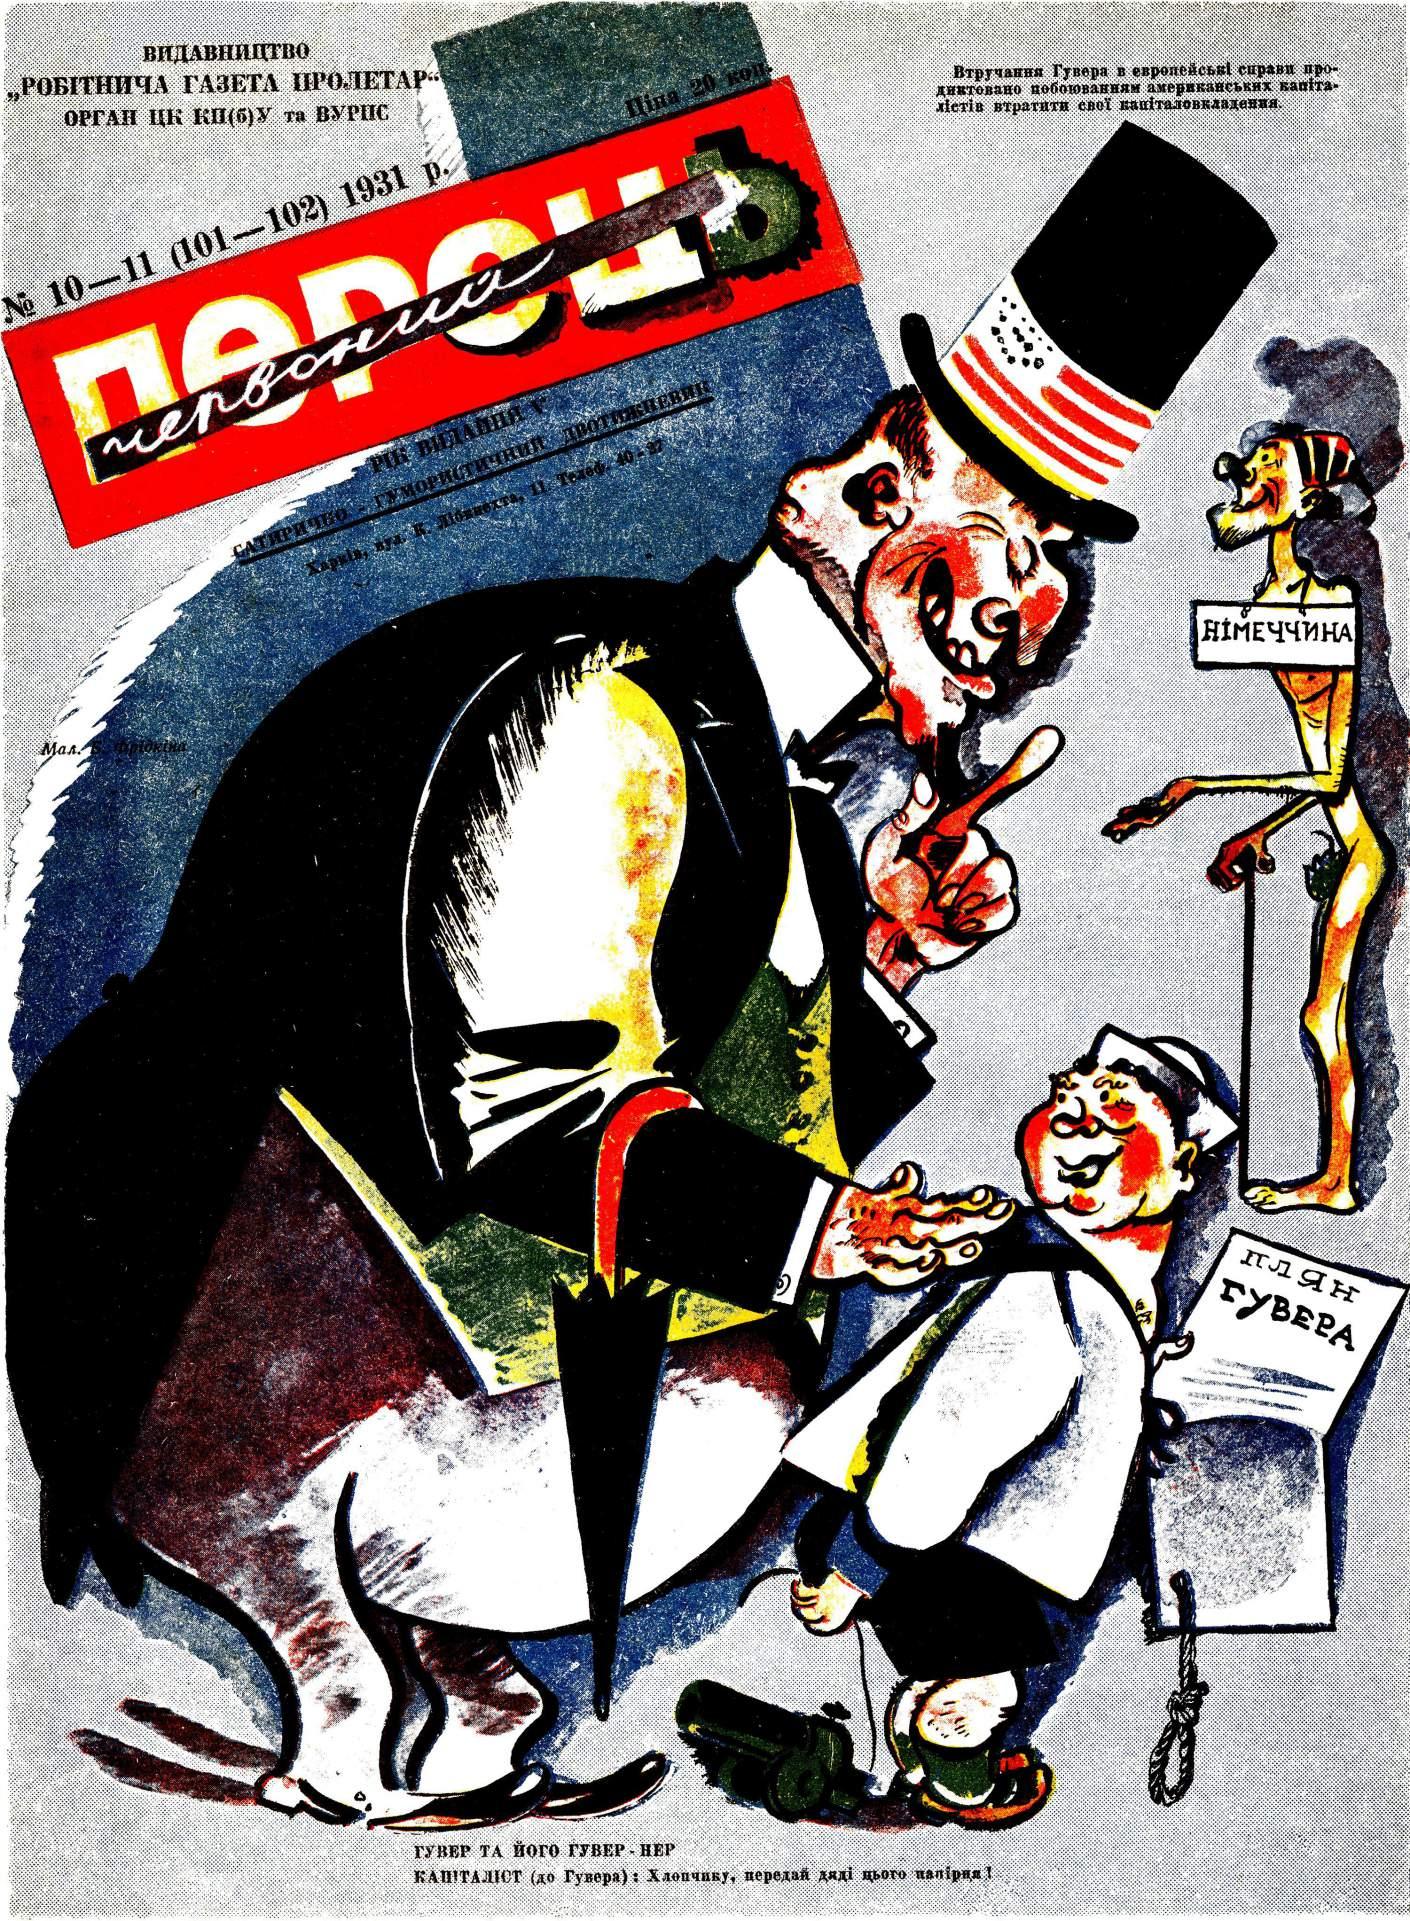 Журнал перець 1931 №10-11